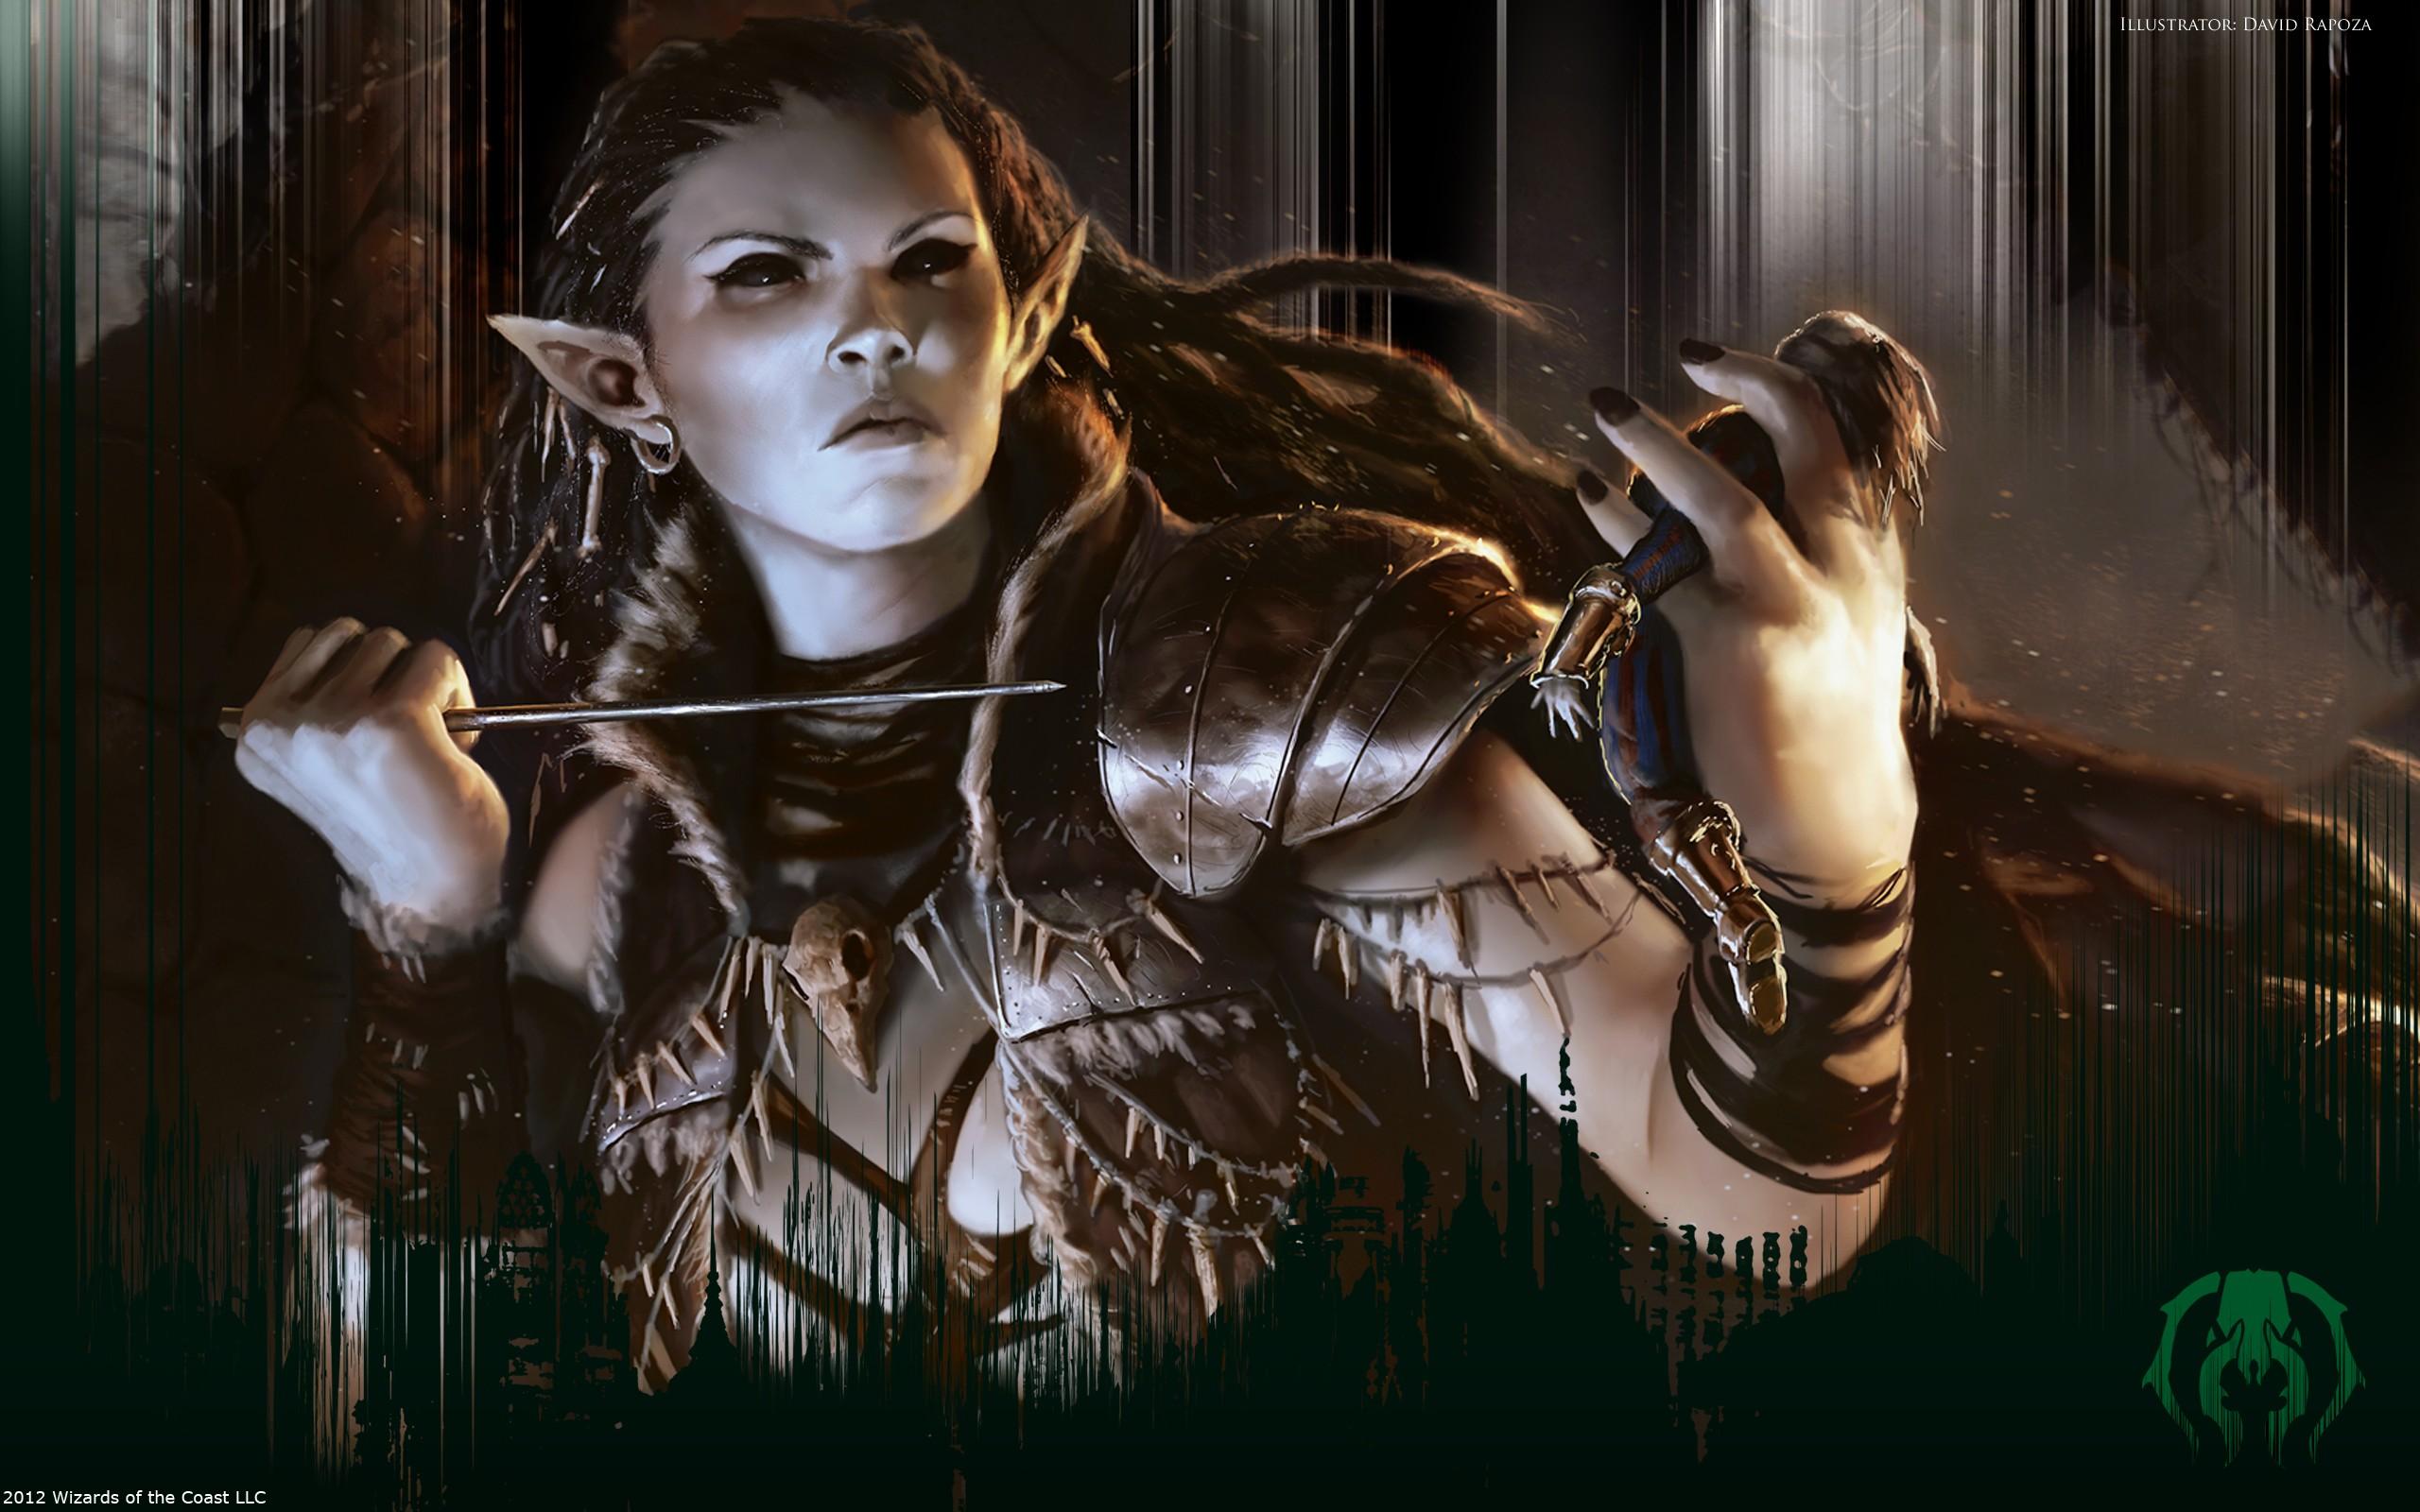 Dark Elf Voodoo Wallpapers Dark Elf Voodoo HD Wallpapers Dark 2560x1600